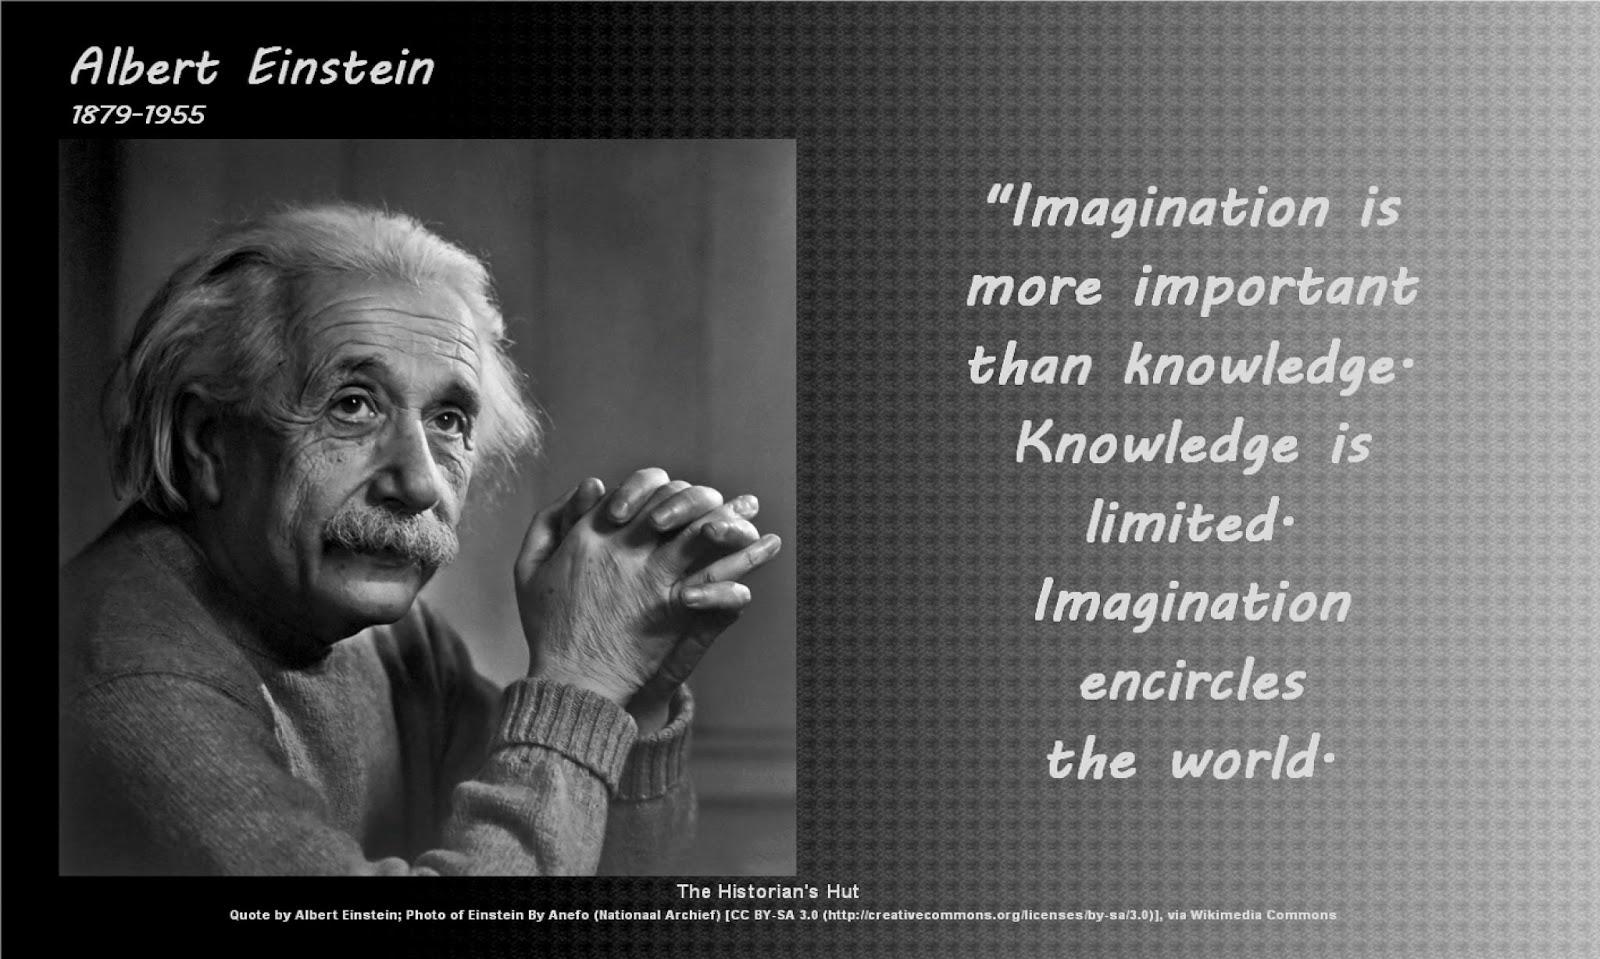 The Historian's Hut Quote Pictures: Albert Einstein